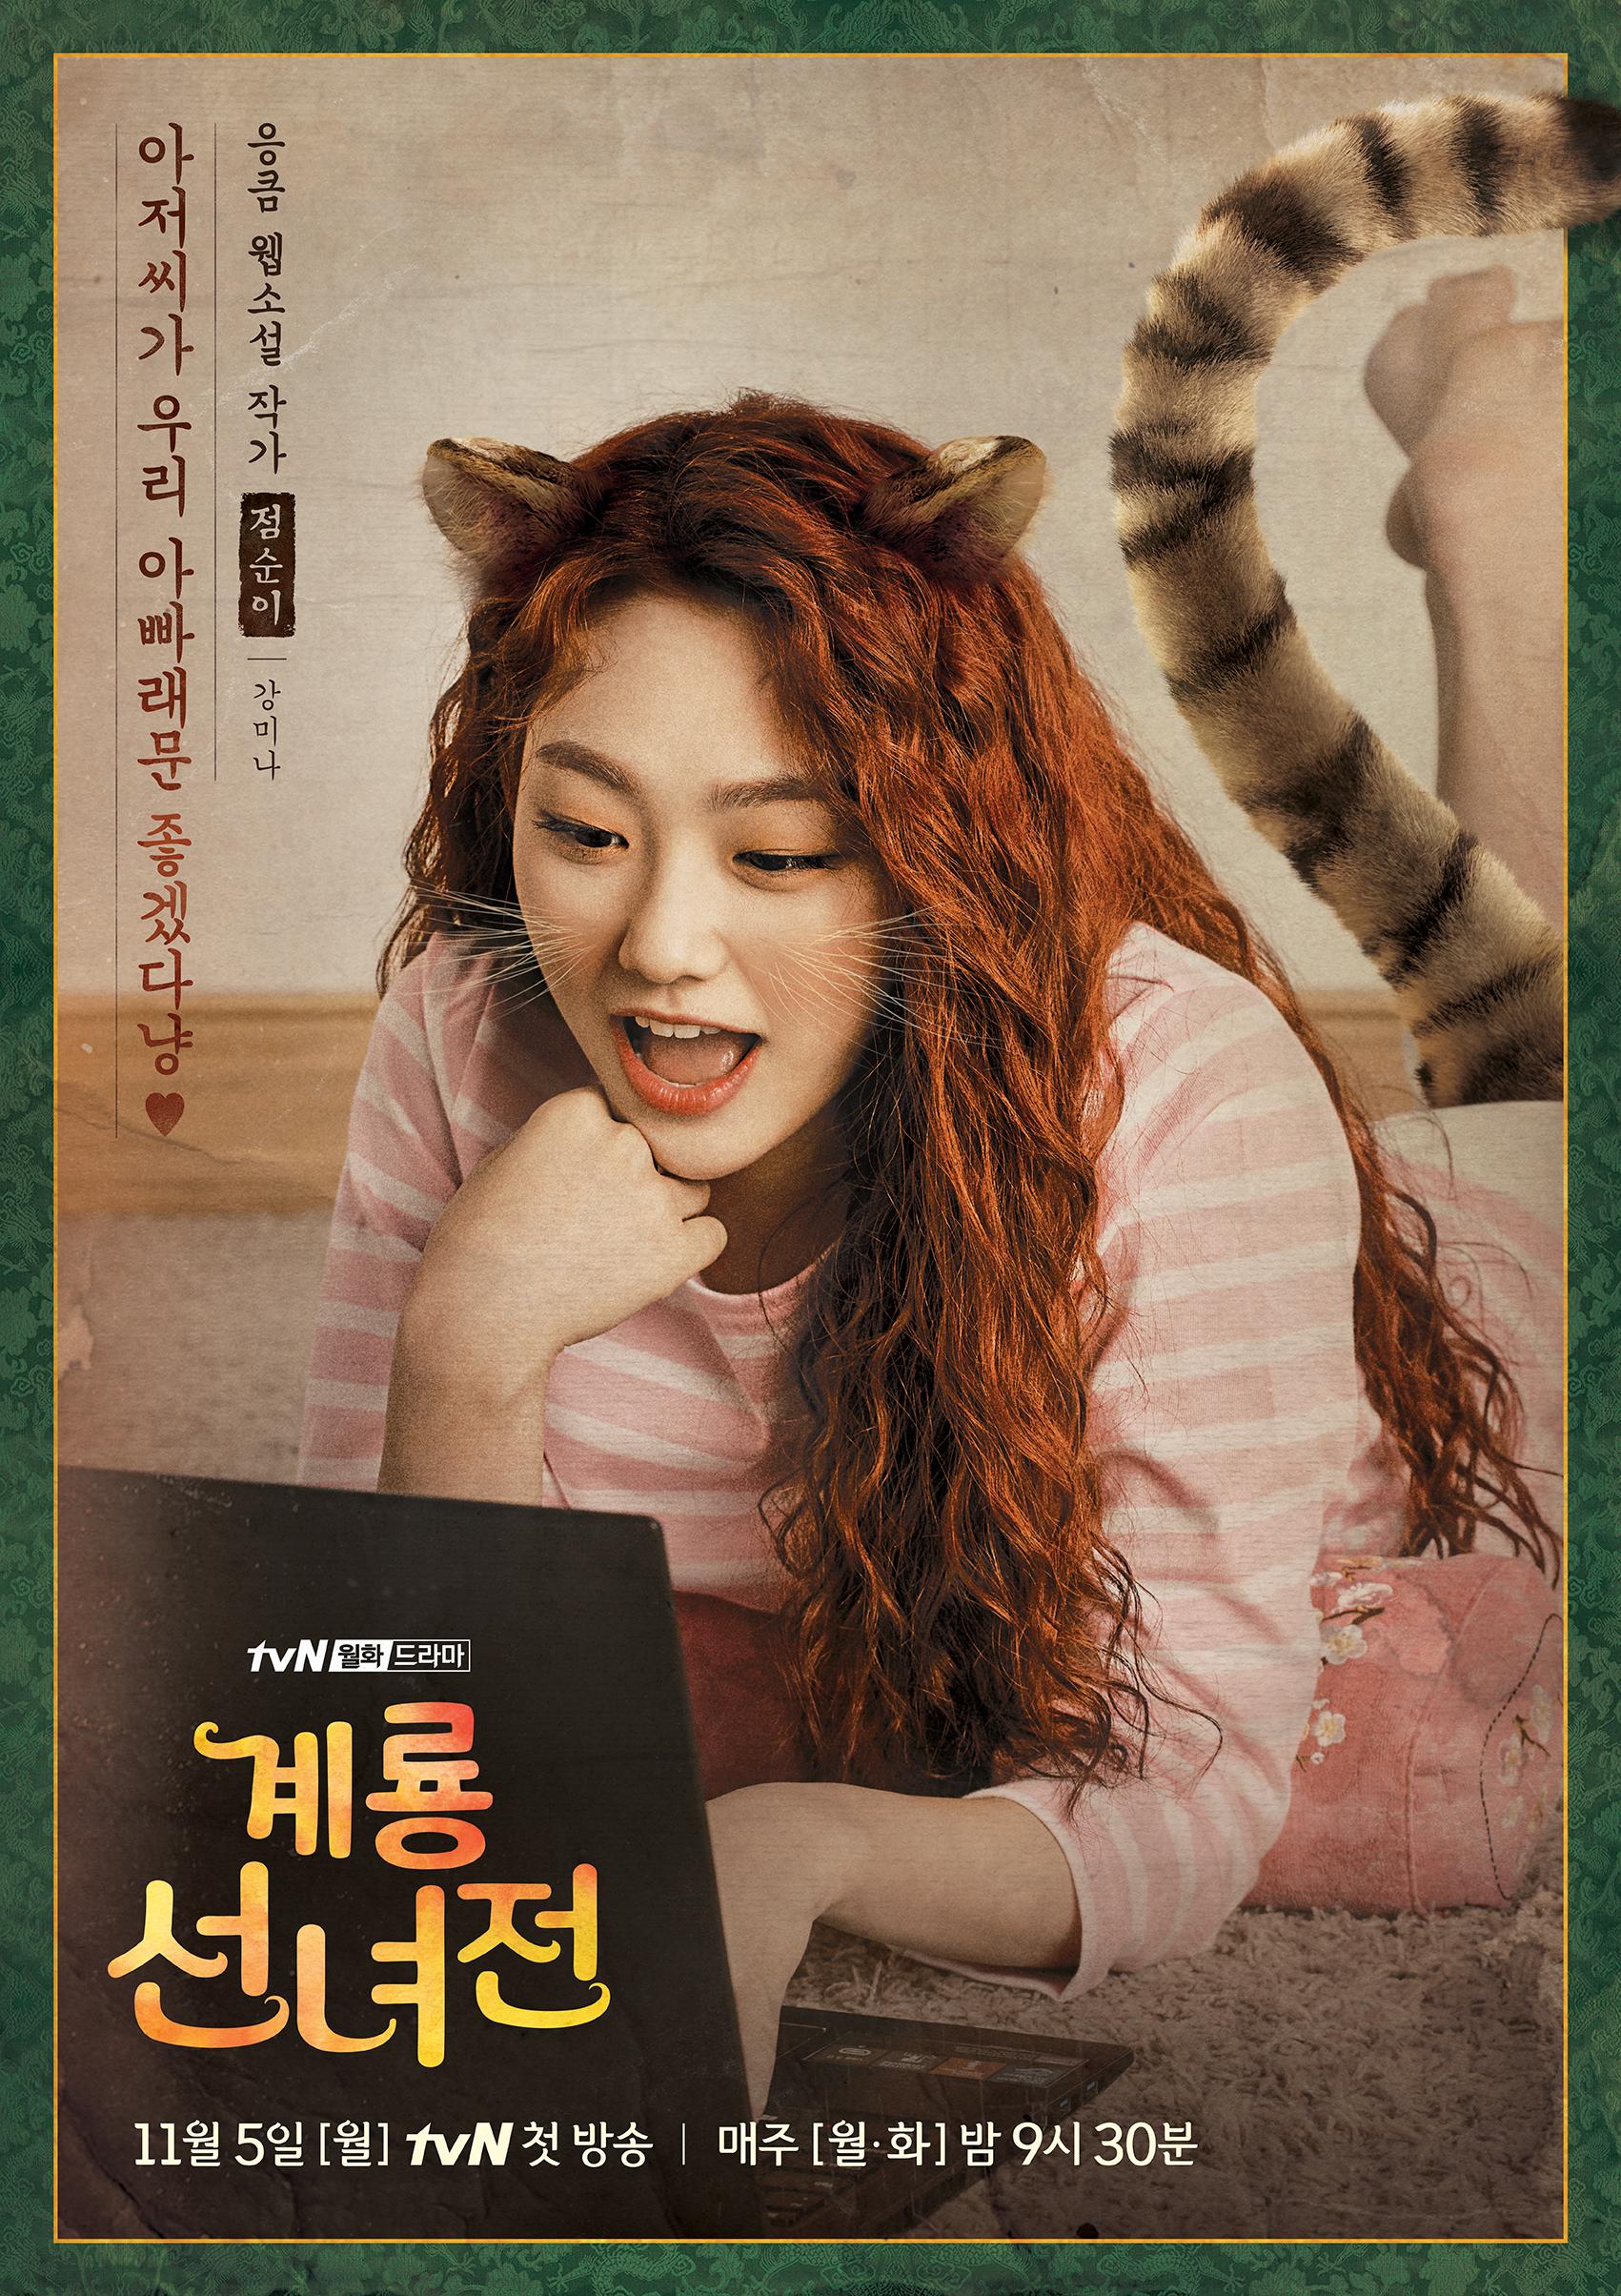 玉南的囡囡(康美娜飾)真身是老虎